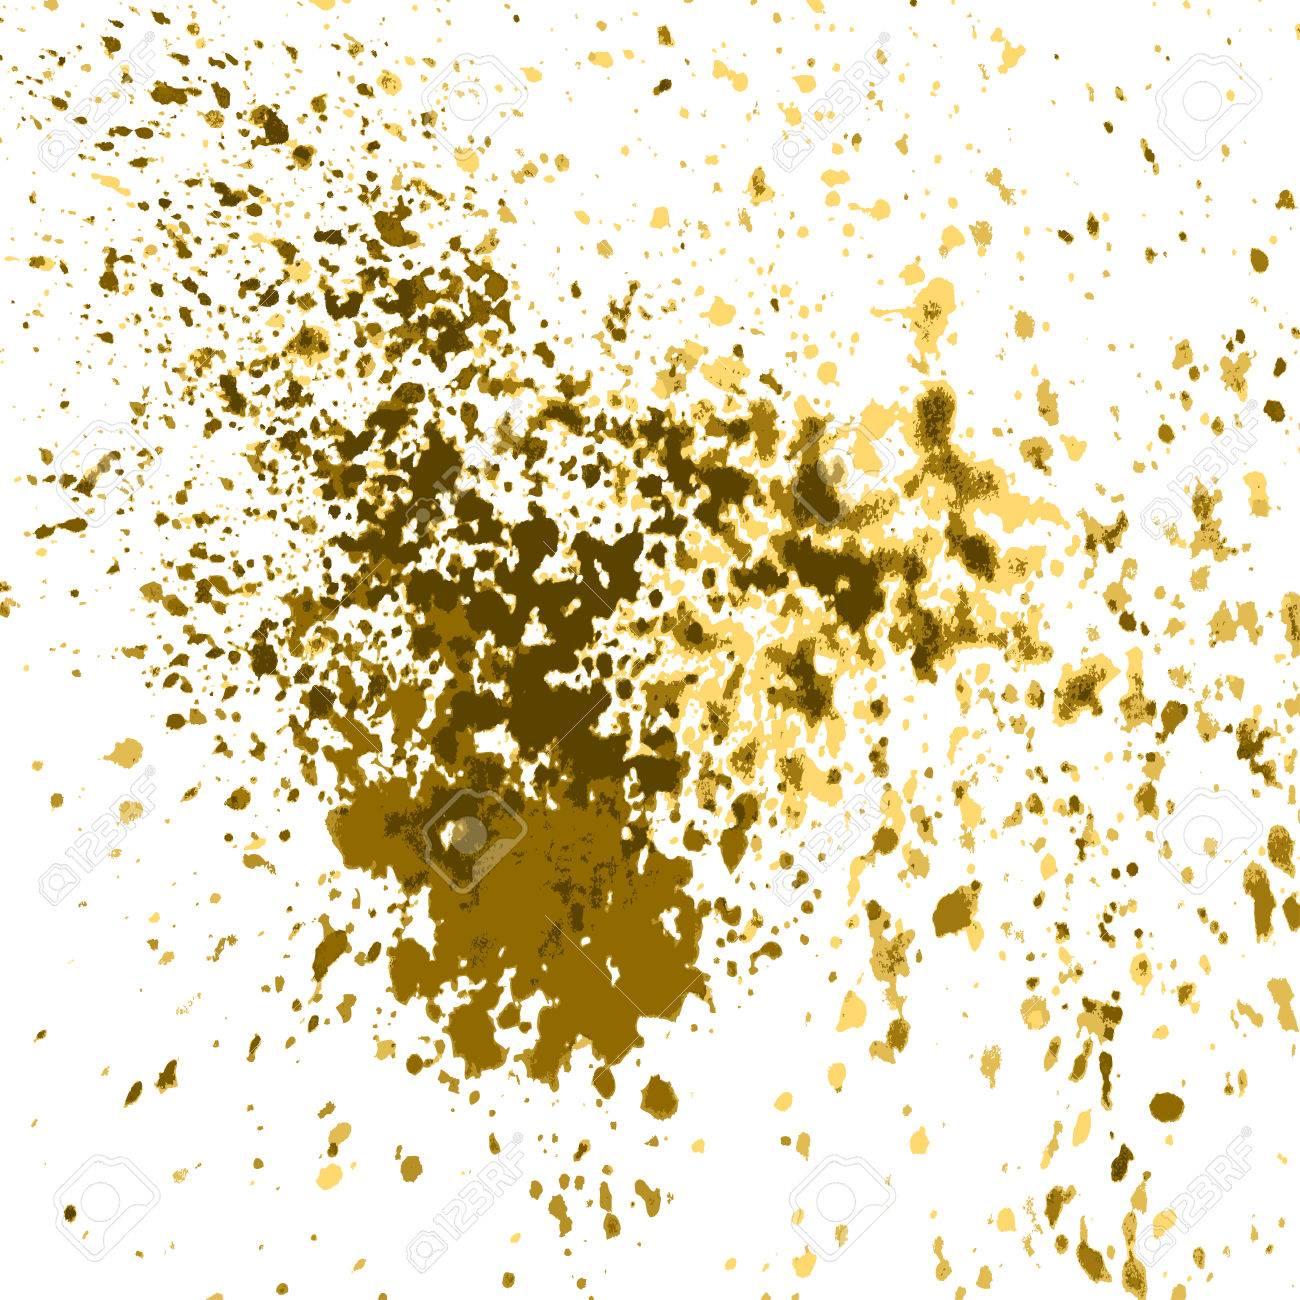 vector gold farbe spritzen, splatter und klecks glänzend auf weißem